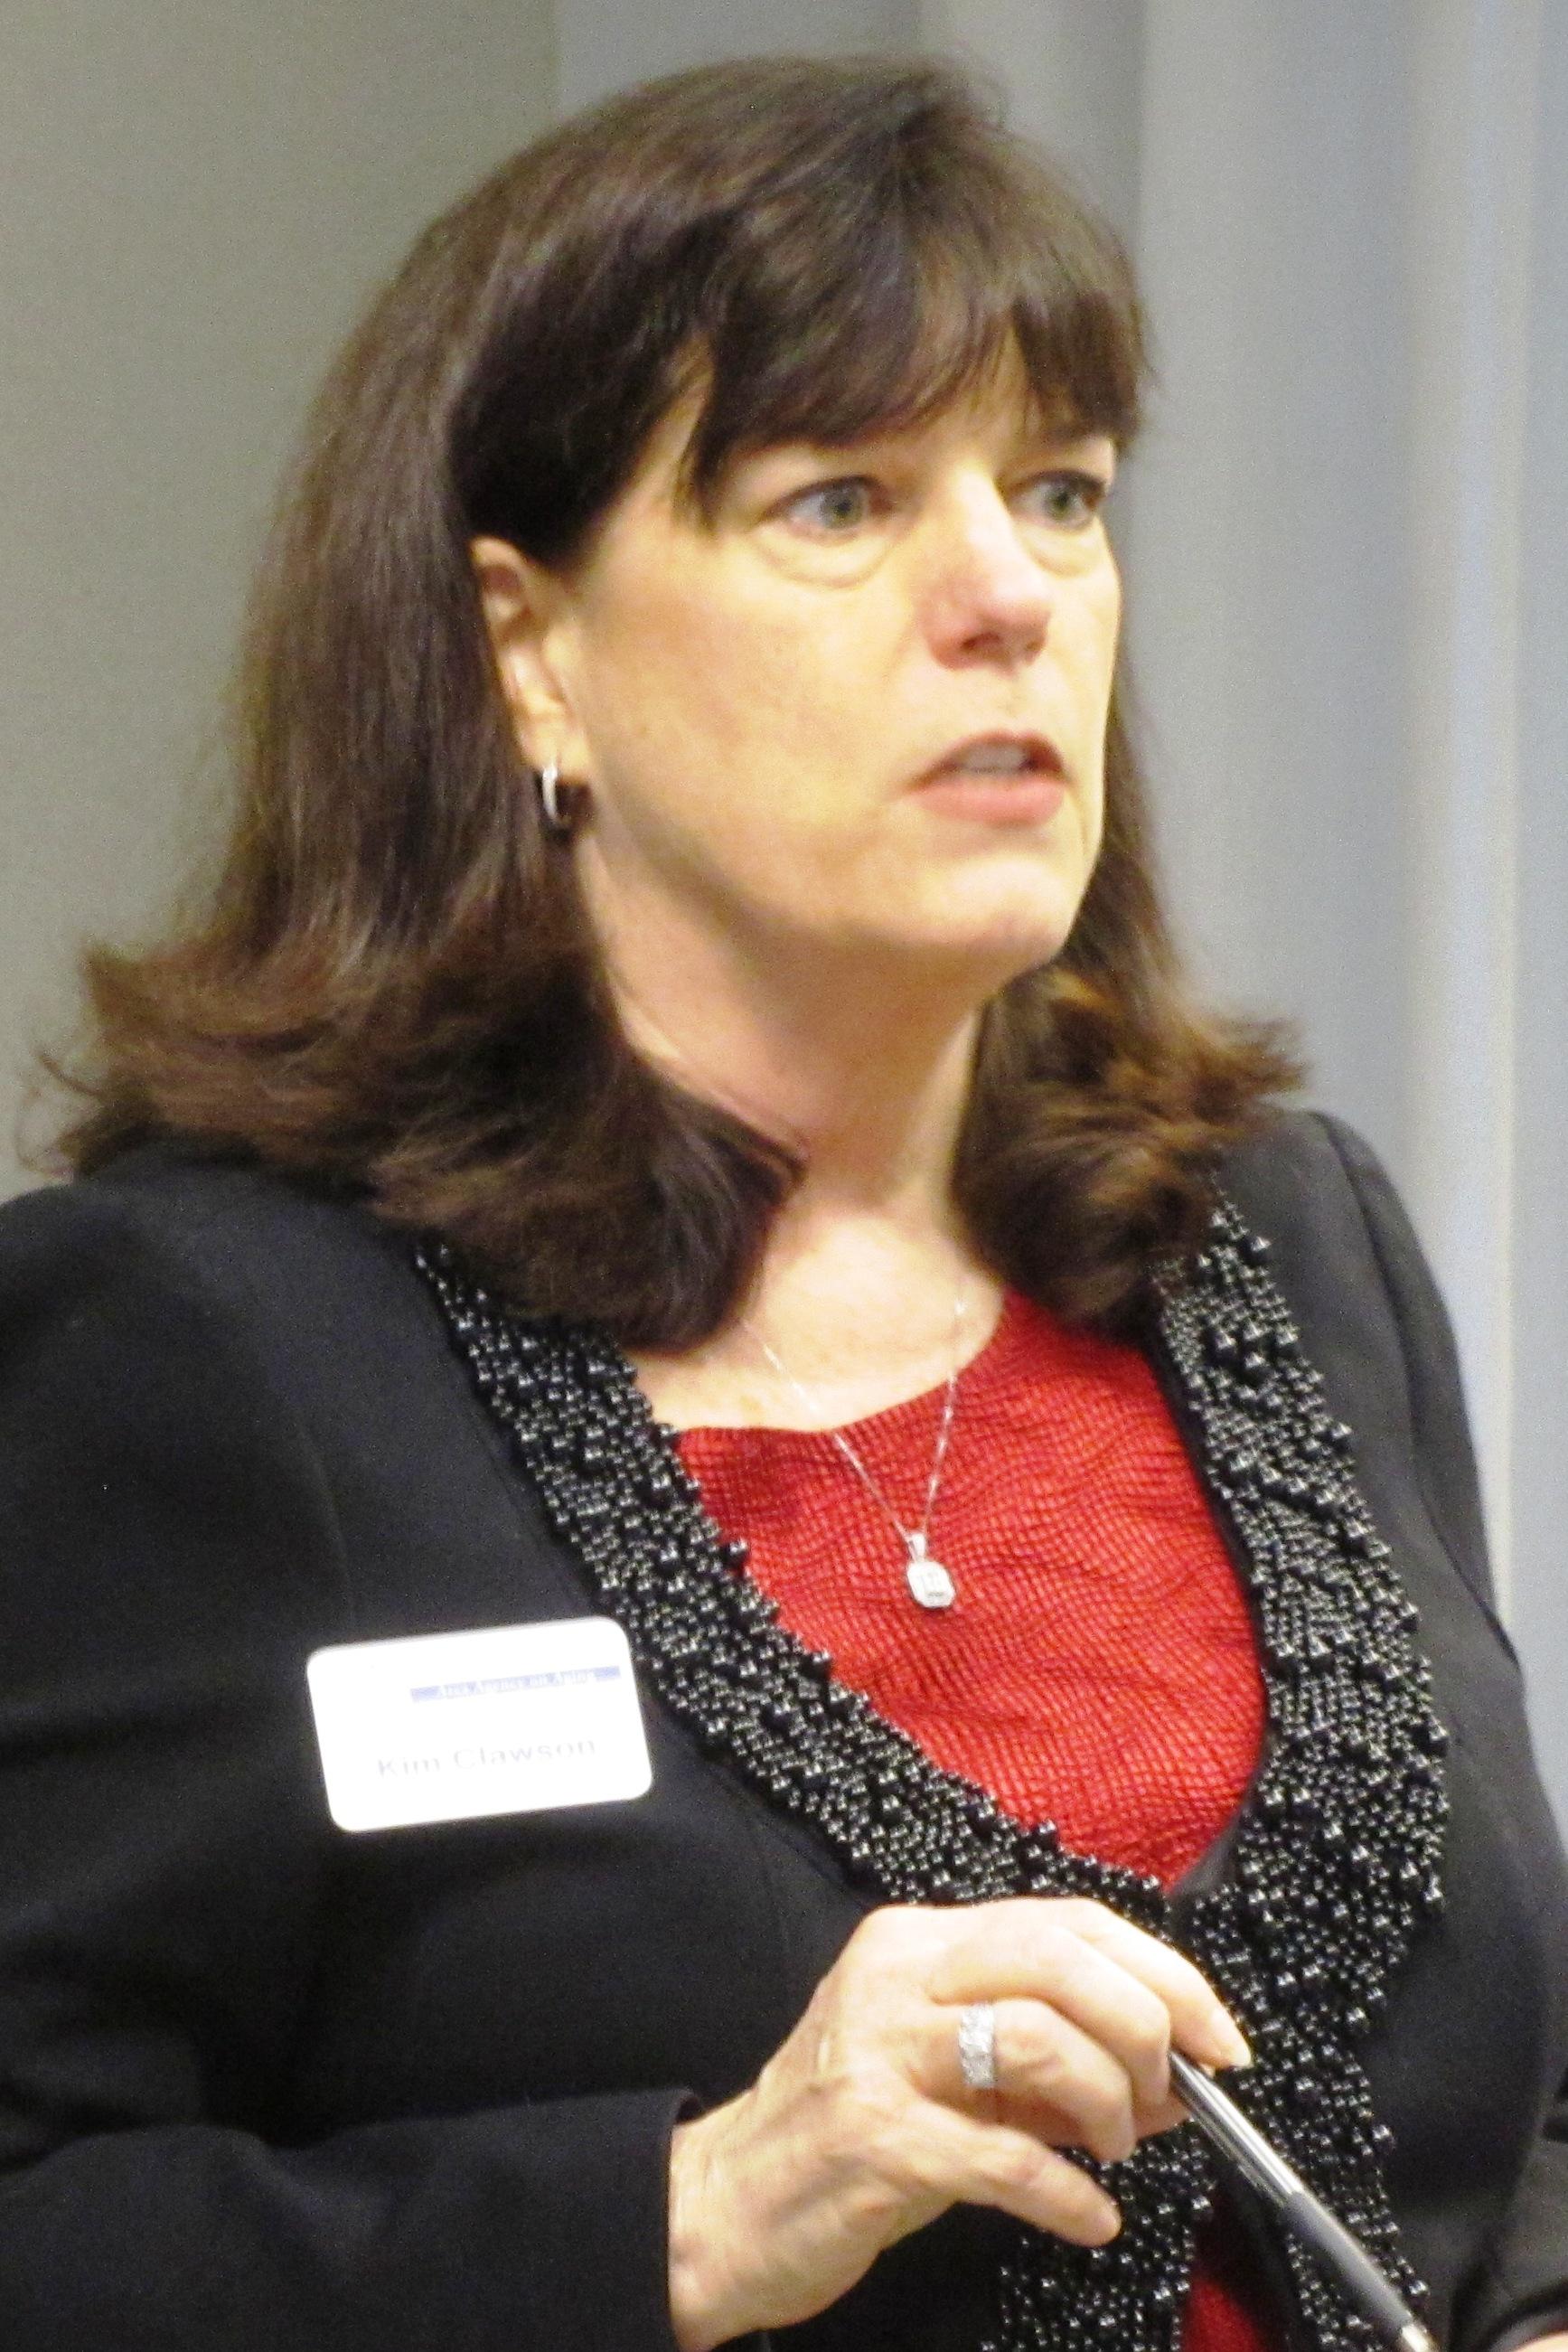 Kim Clawson